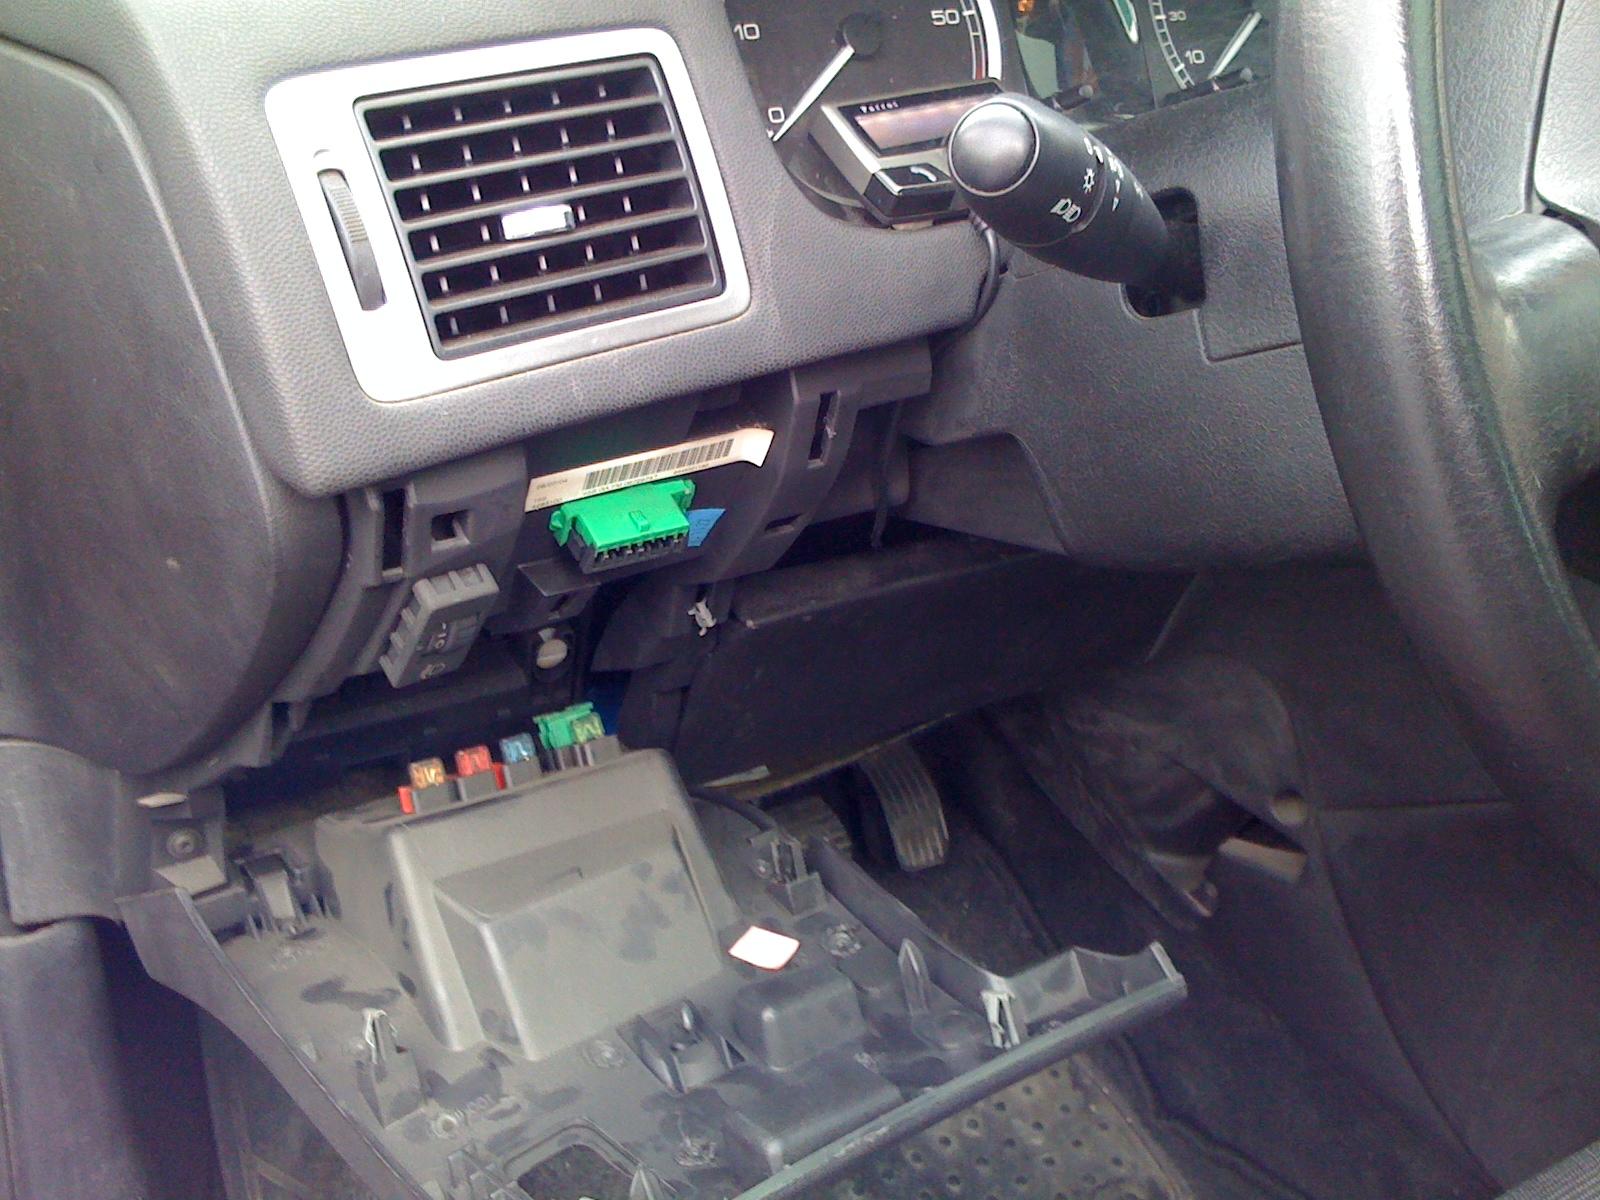 Odbii hablando desde un ordenador con el coche el weblog de ivan ricondo ubanov - Instalar puerto usb en coche ...